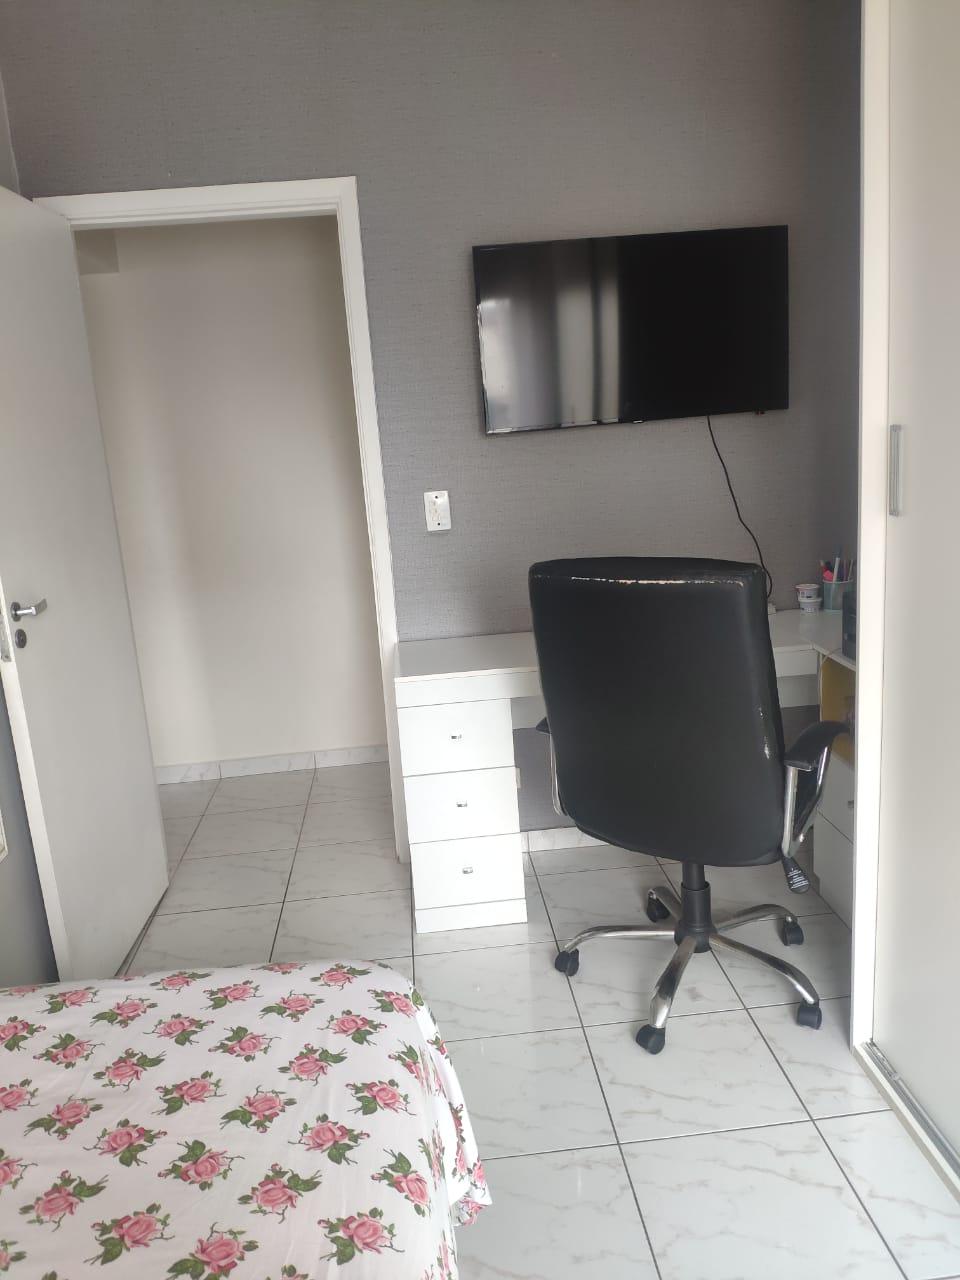 Apartamento 3 dormitórios bem arejado, iluminado, todo reformado, com piso frio e papel de parede,garagem fechada. - foto 3